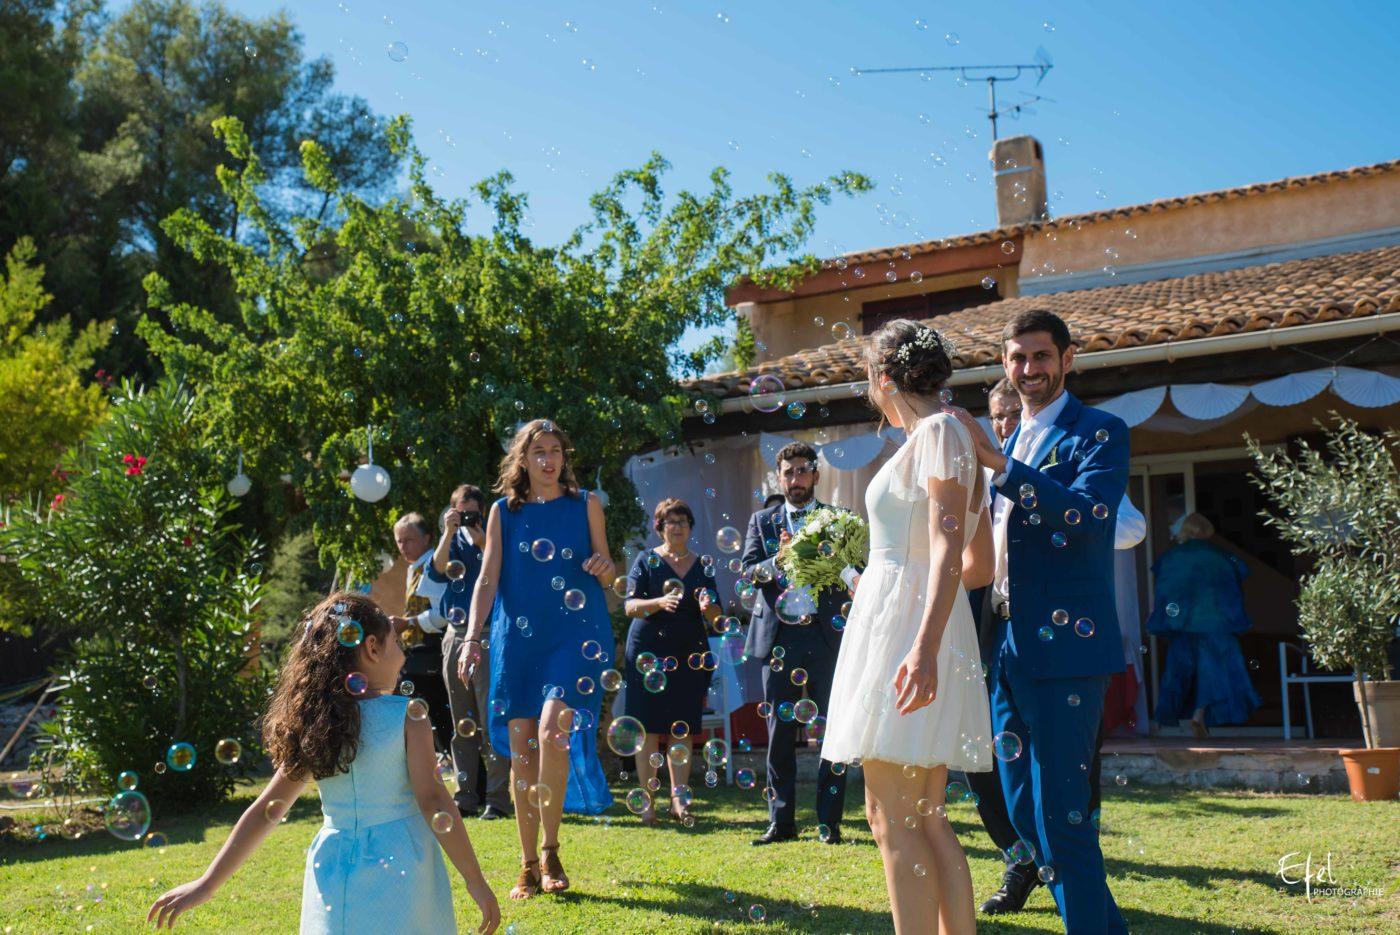 Photo vin d'honneur - accueil des mariés avec des bulles de savon - reportage de mariage gap